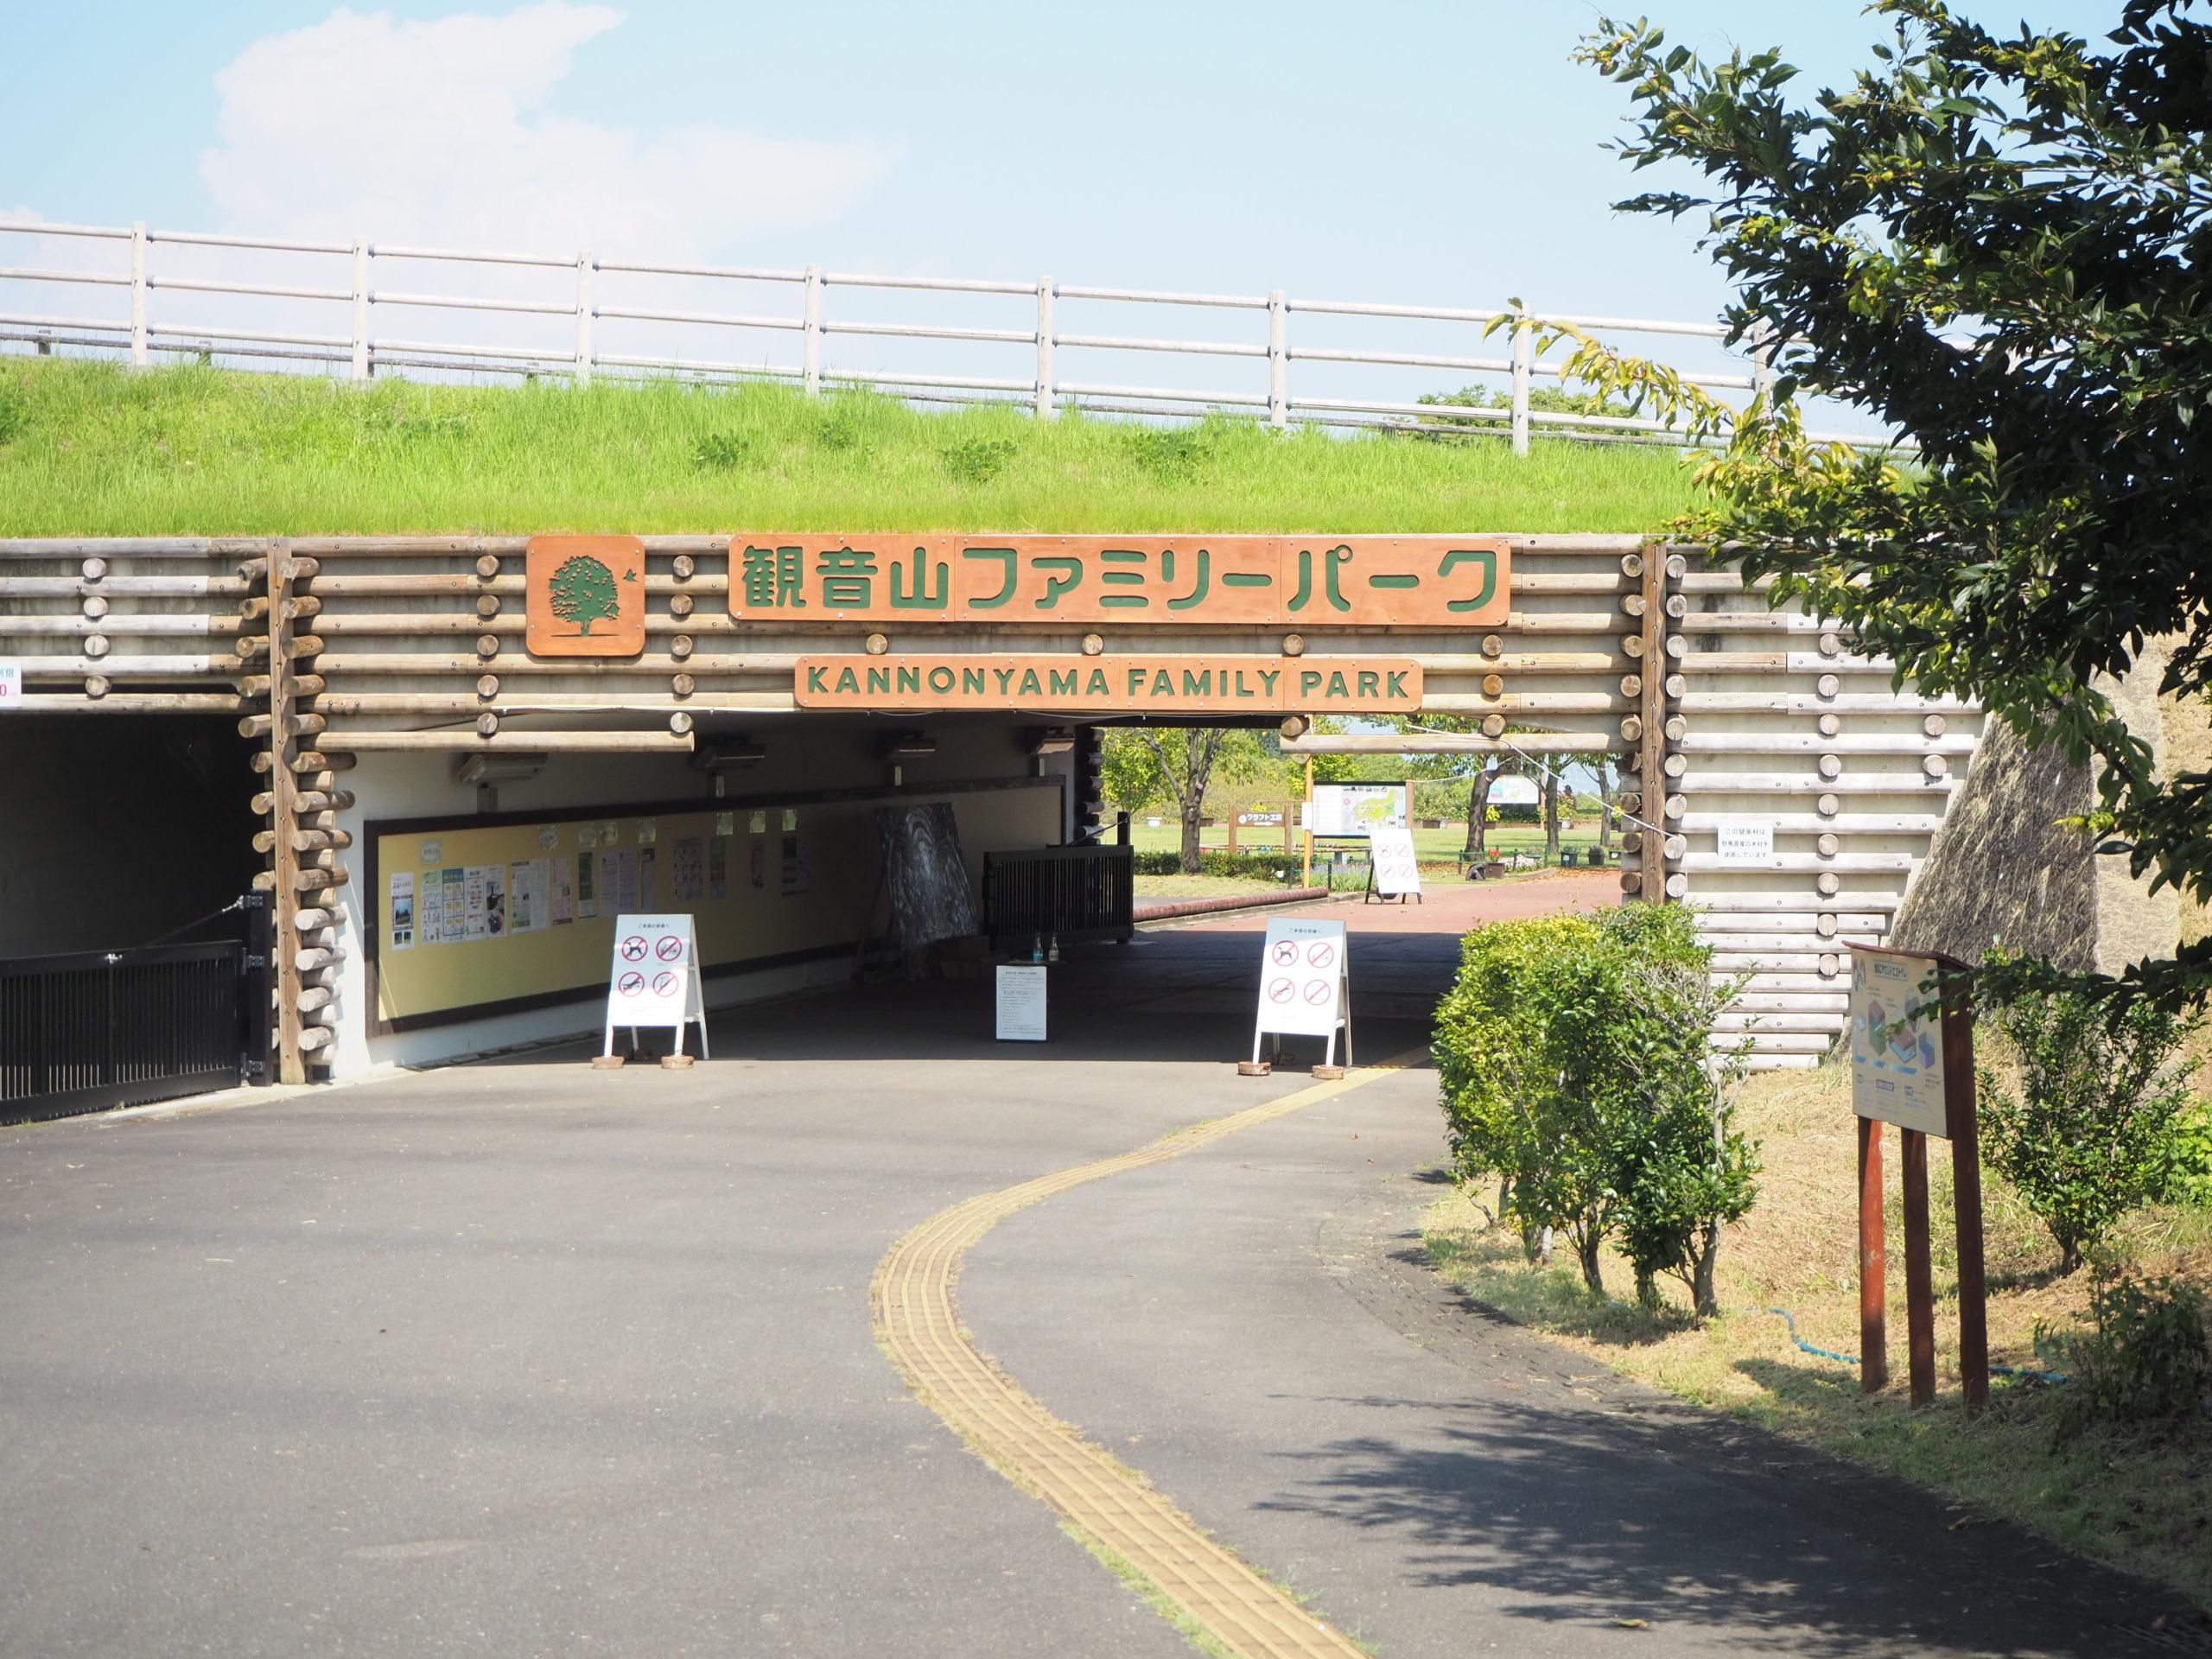 入口 観音山ファミリーパーク